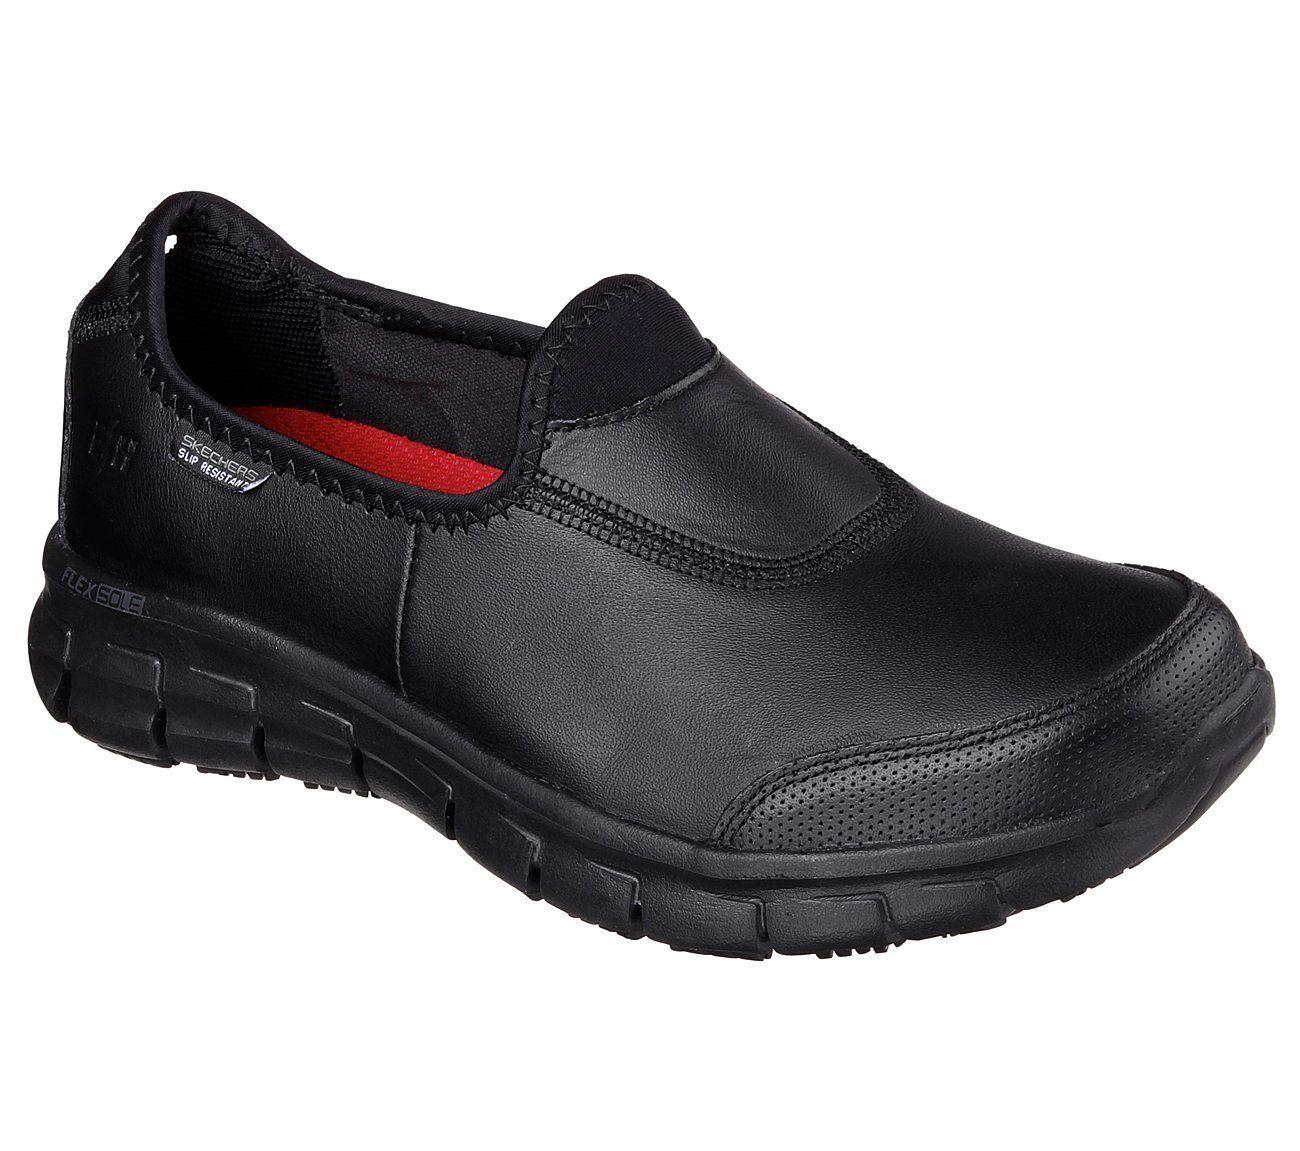 Skerchers Lavoro Vestiparilt  655533; Comoda Sicuro Tracce Scarpe Donne Antiscivolo  sport caldi